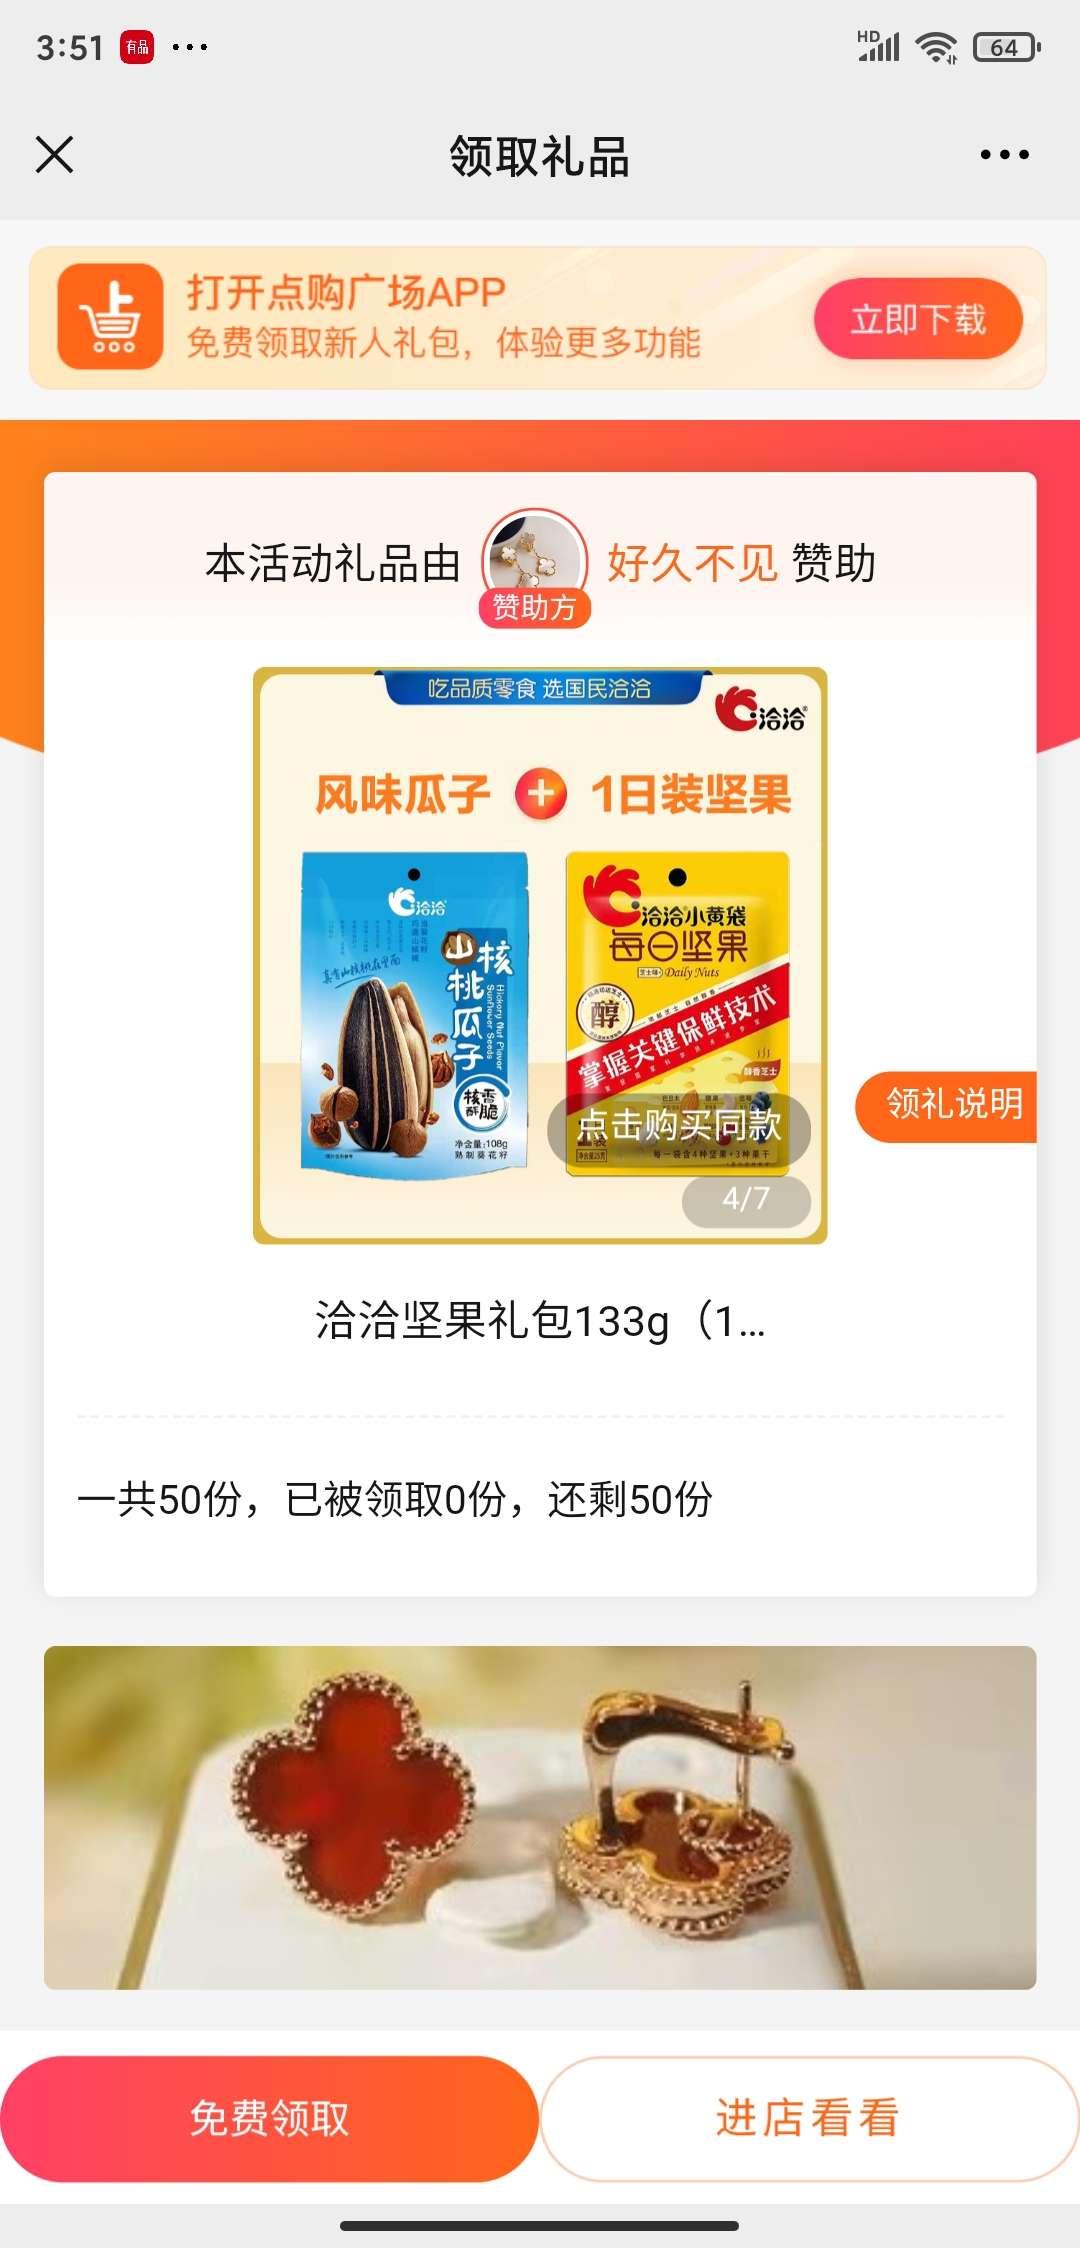 点购广场app新用户领恰恰瓜子